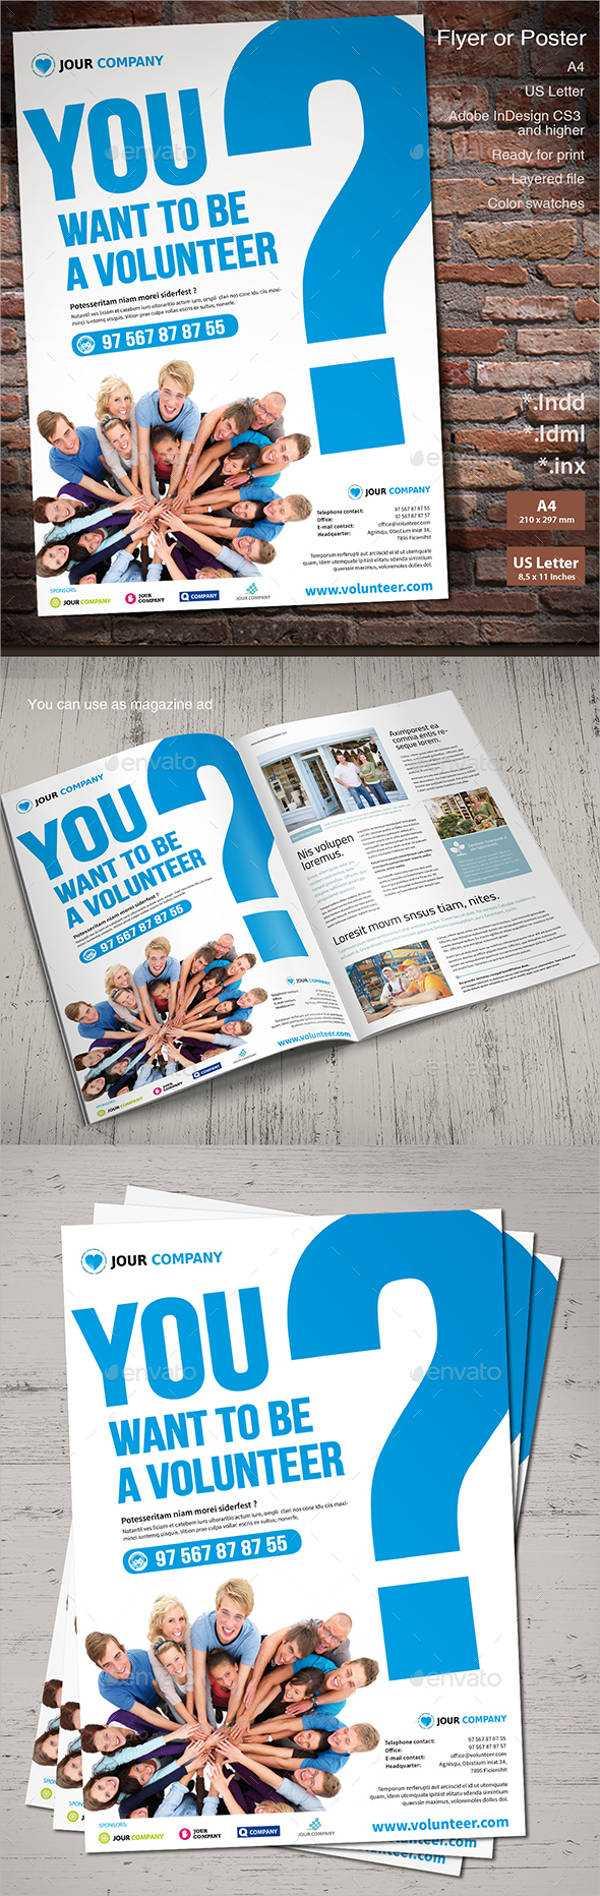 11+ Volunteer Flyers - Ms Word, Pages, Psd, Vector Eps In Volunteer Brochure Template